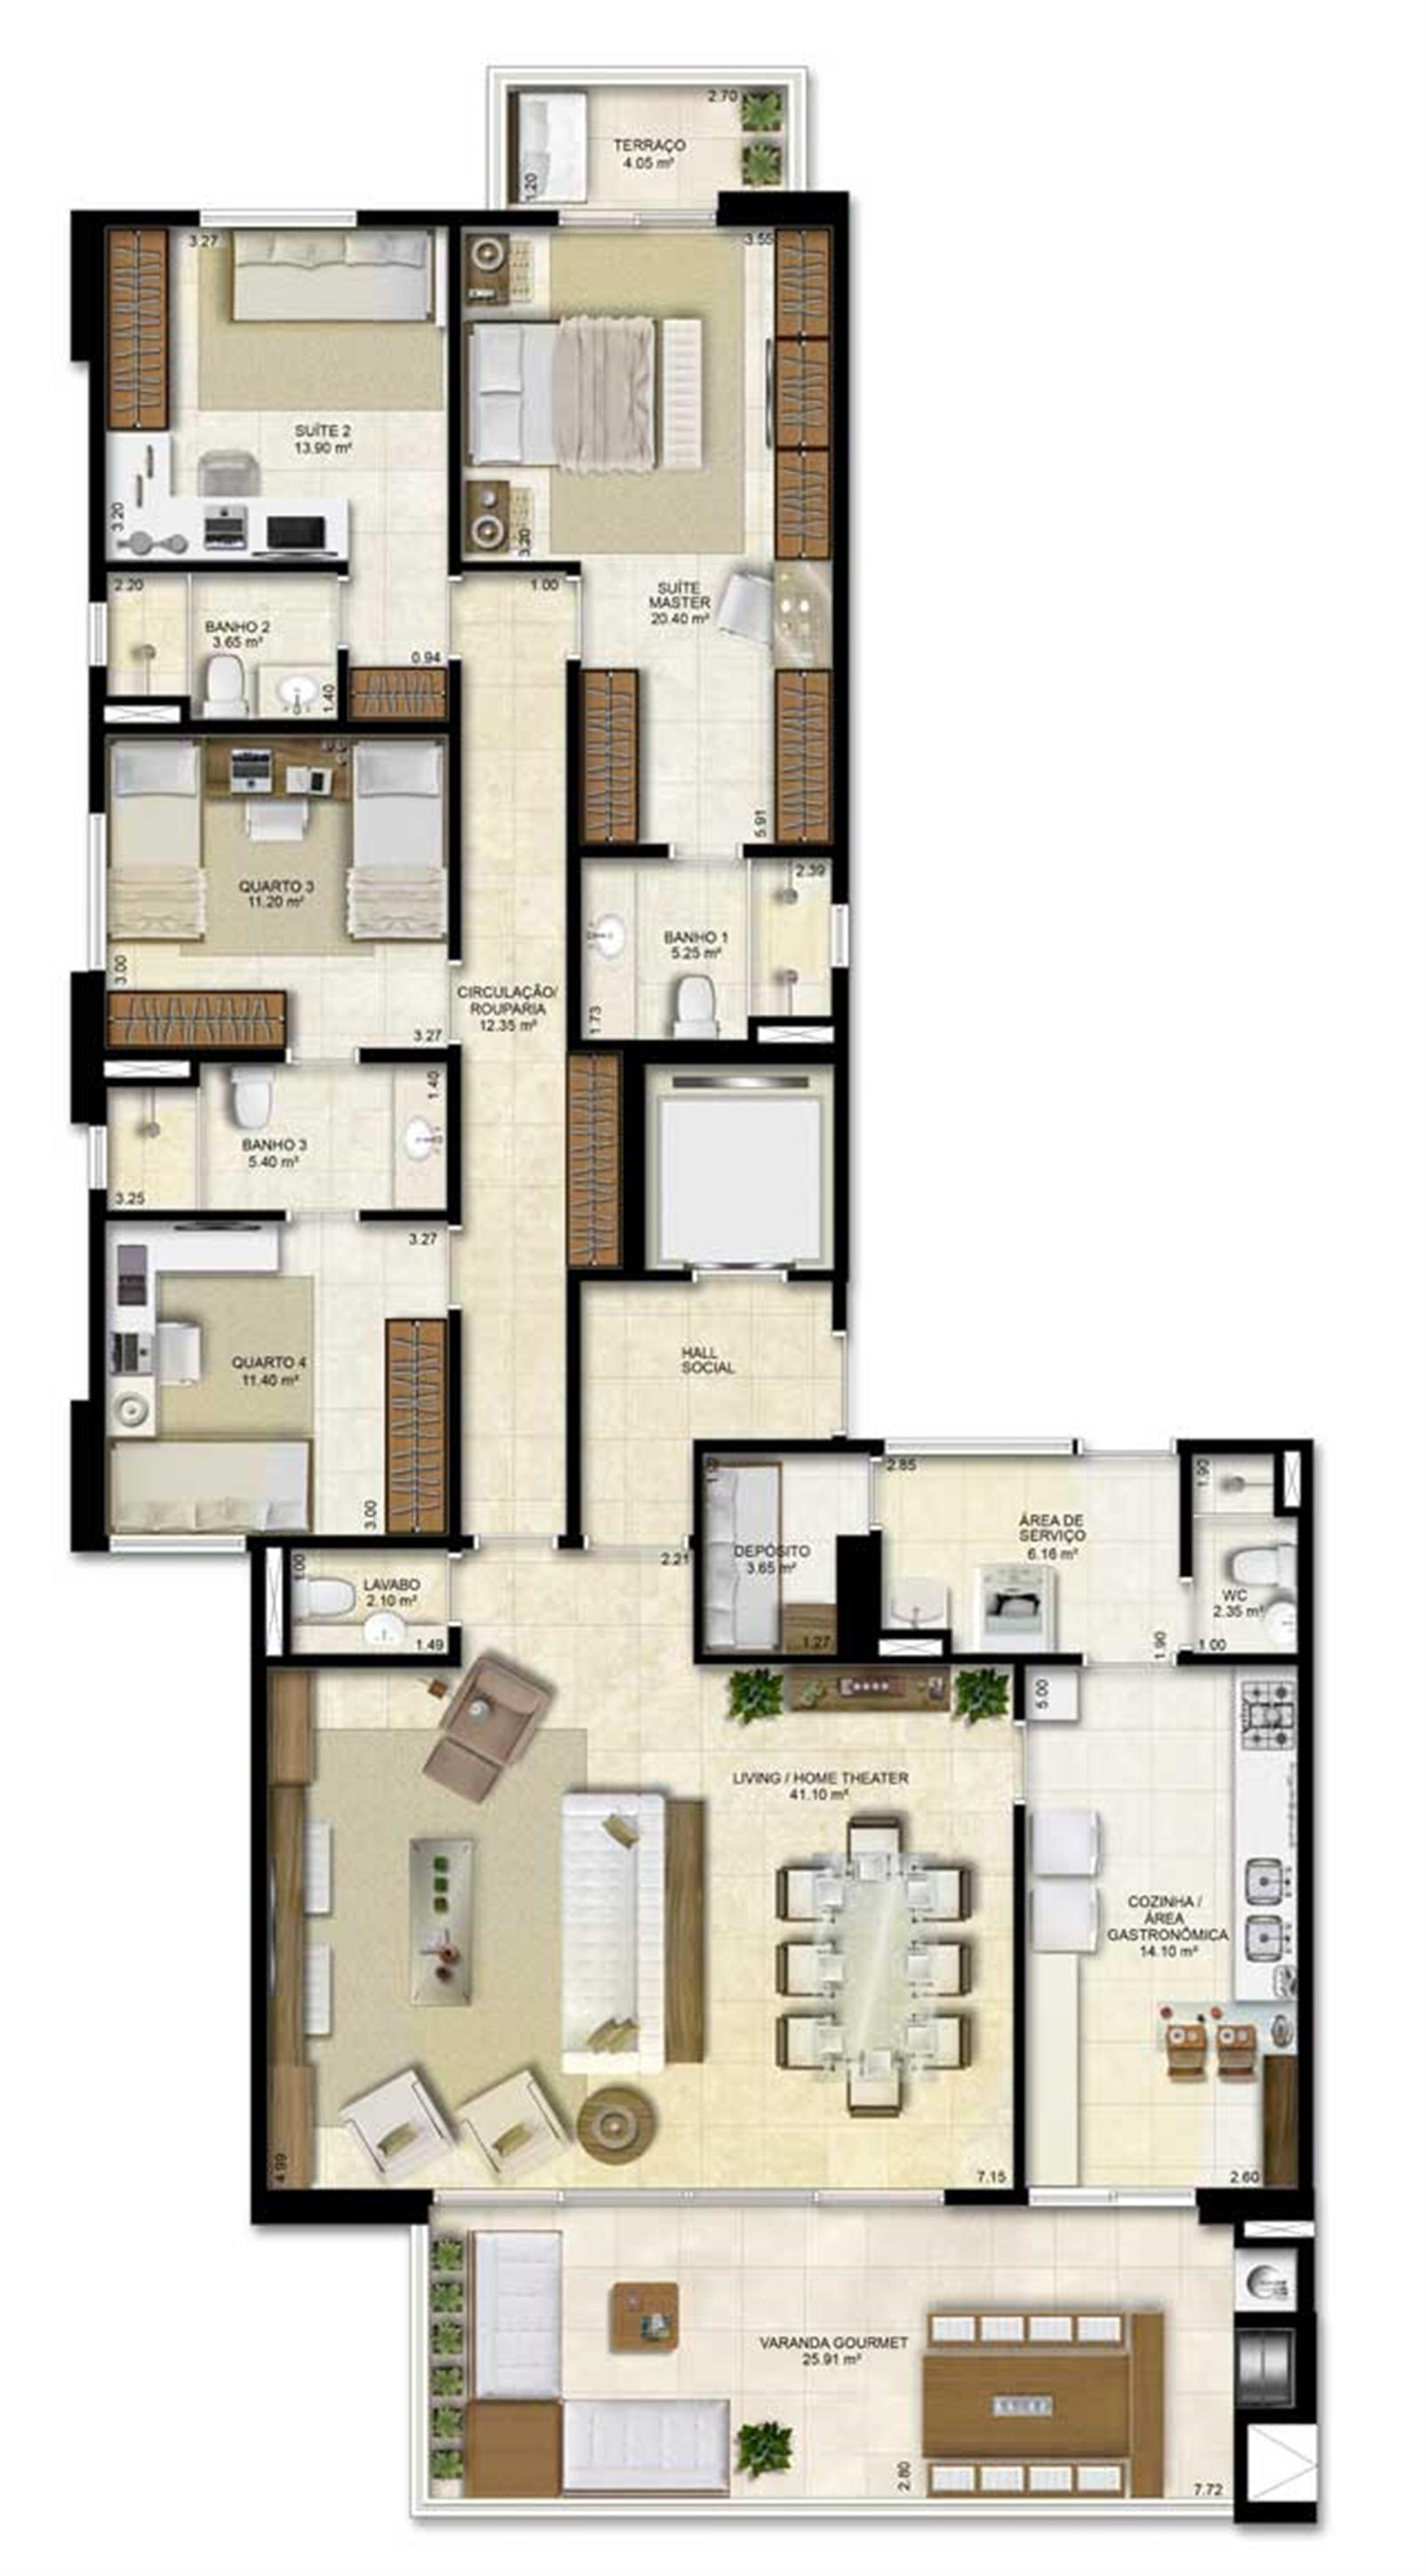 Opção de planta com 4 suítes sendo 2 canadenses - 183 m² de área privativa | Vitrine Umarizal – Apartamentoem  Umarizal  - Belém - Pará